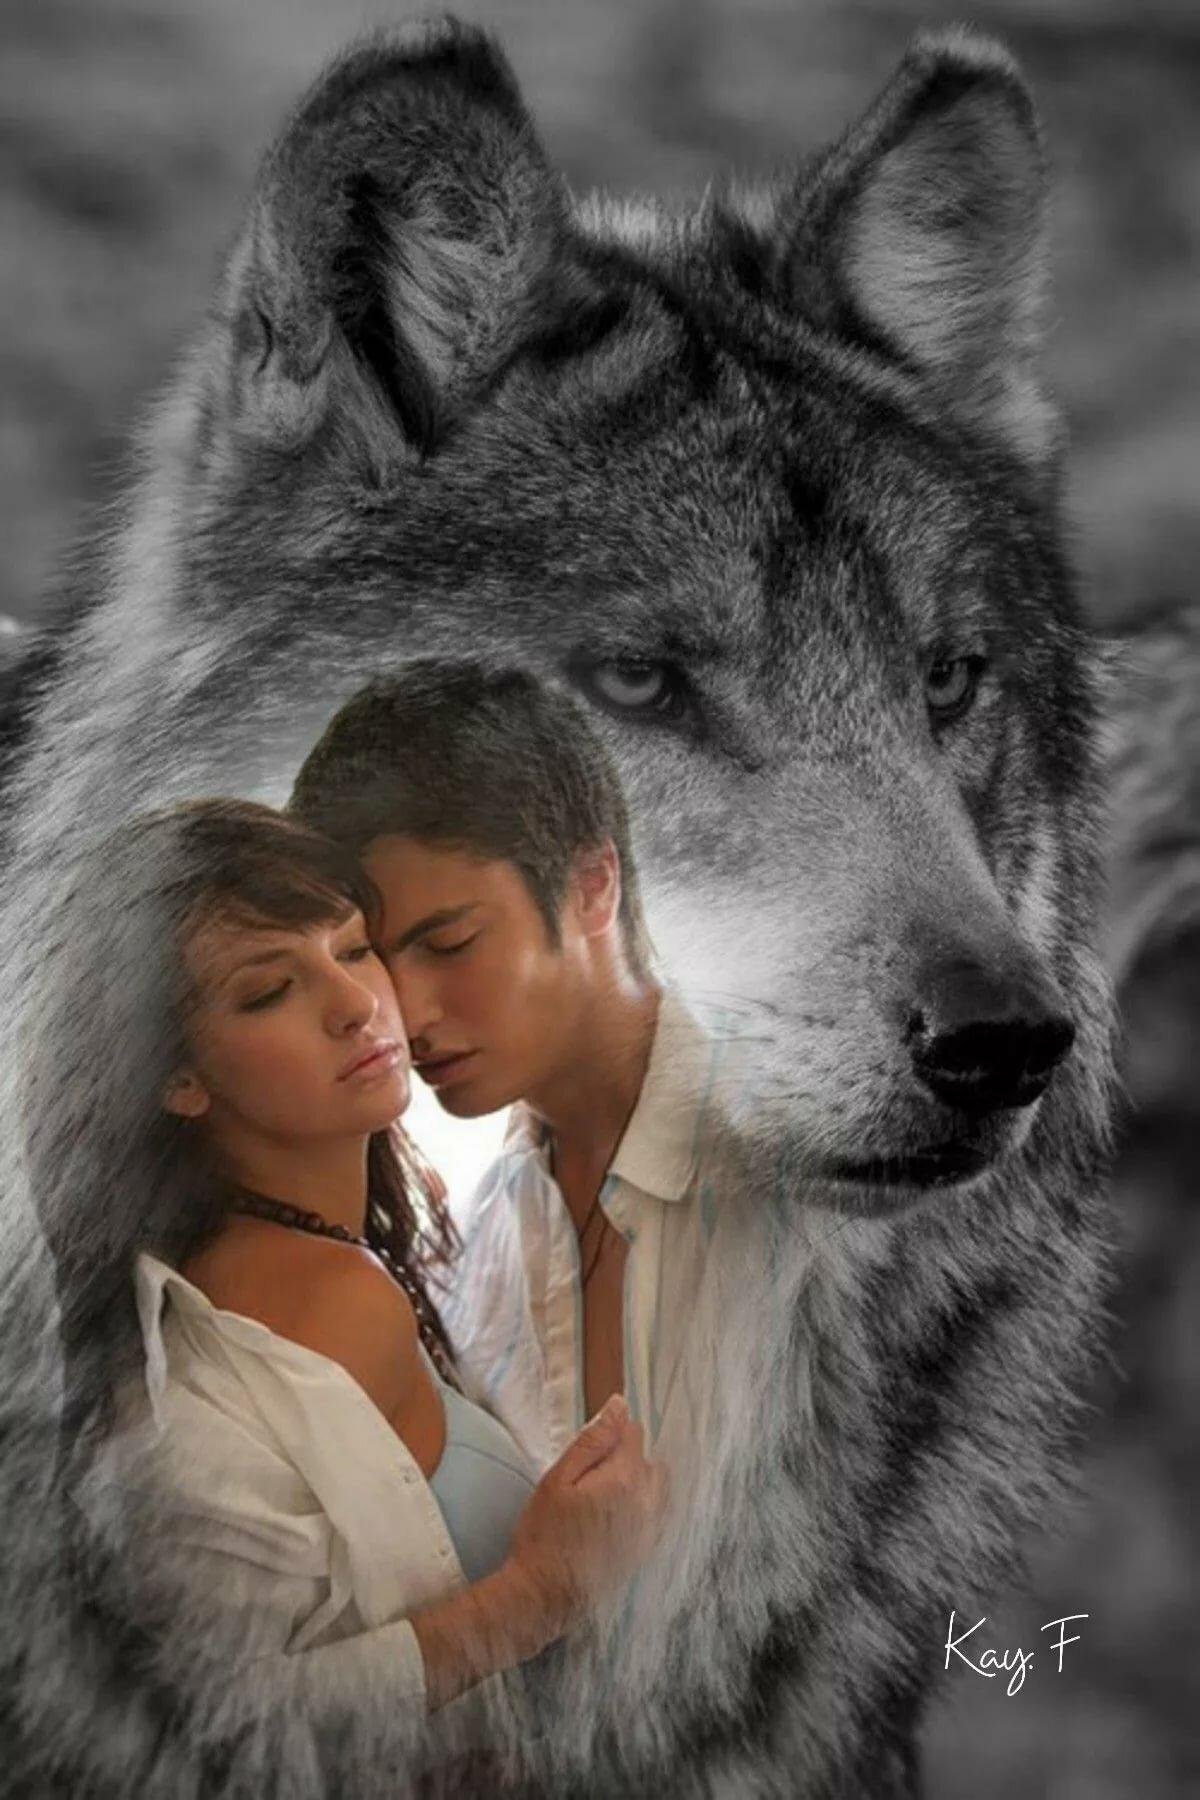 картинки человек и волк в одном телефоне пить напиток особенной